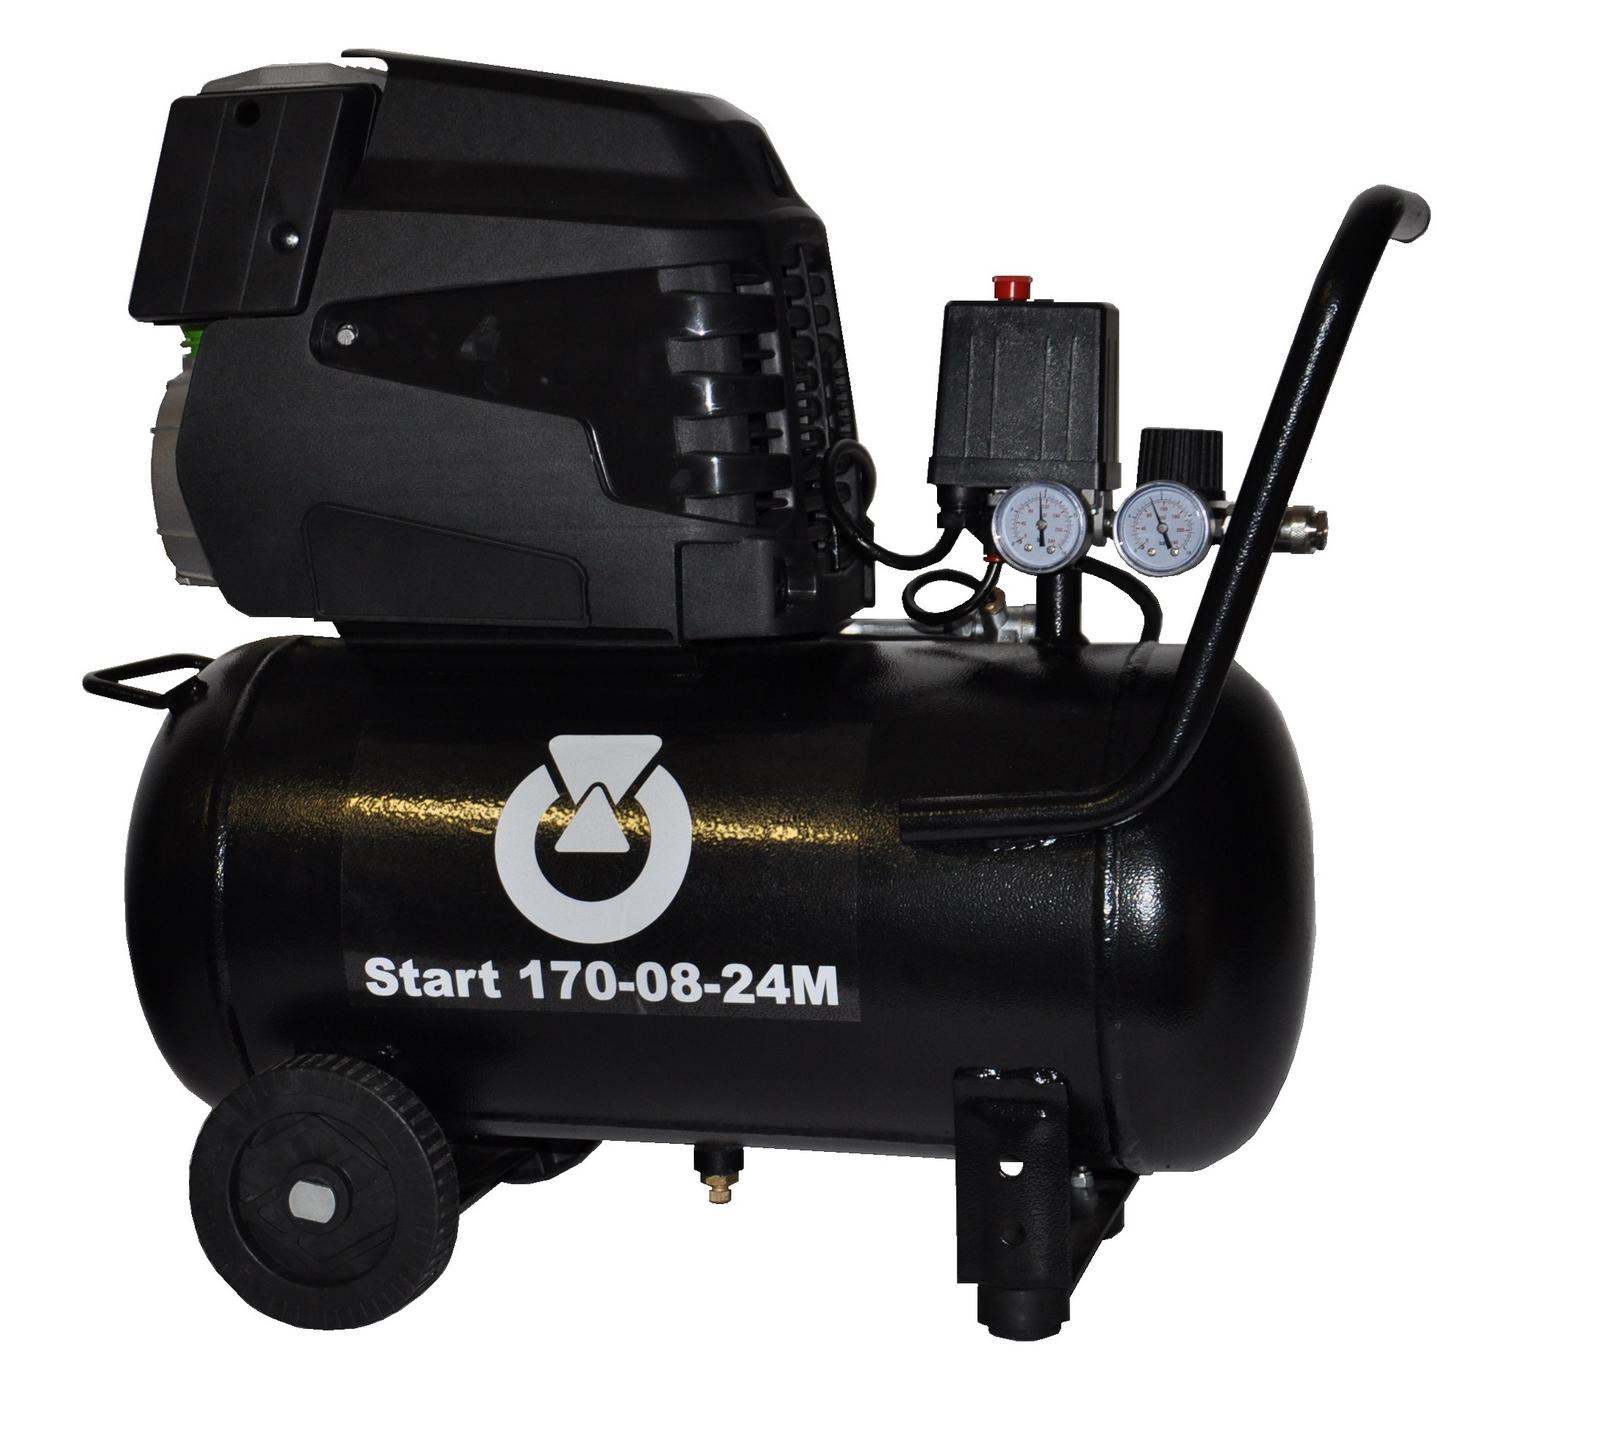 Start 170-08-24M - Pojízdný pístový kompresor START 1,1 kW